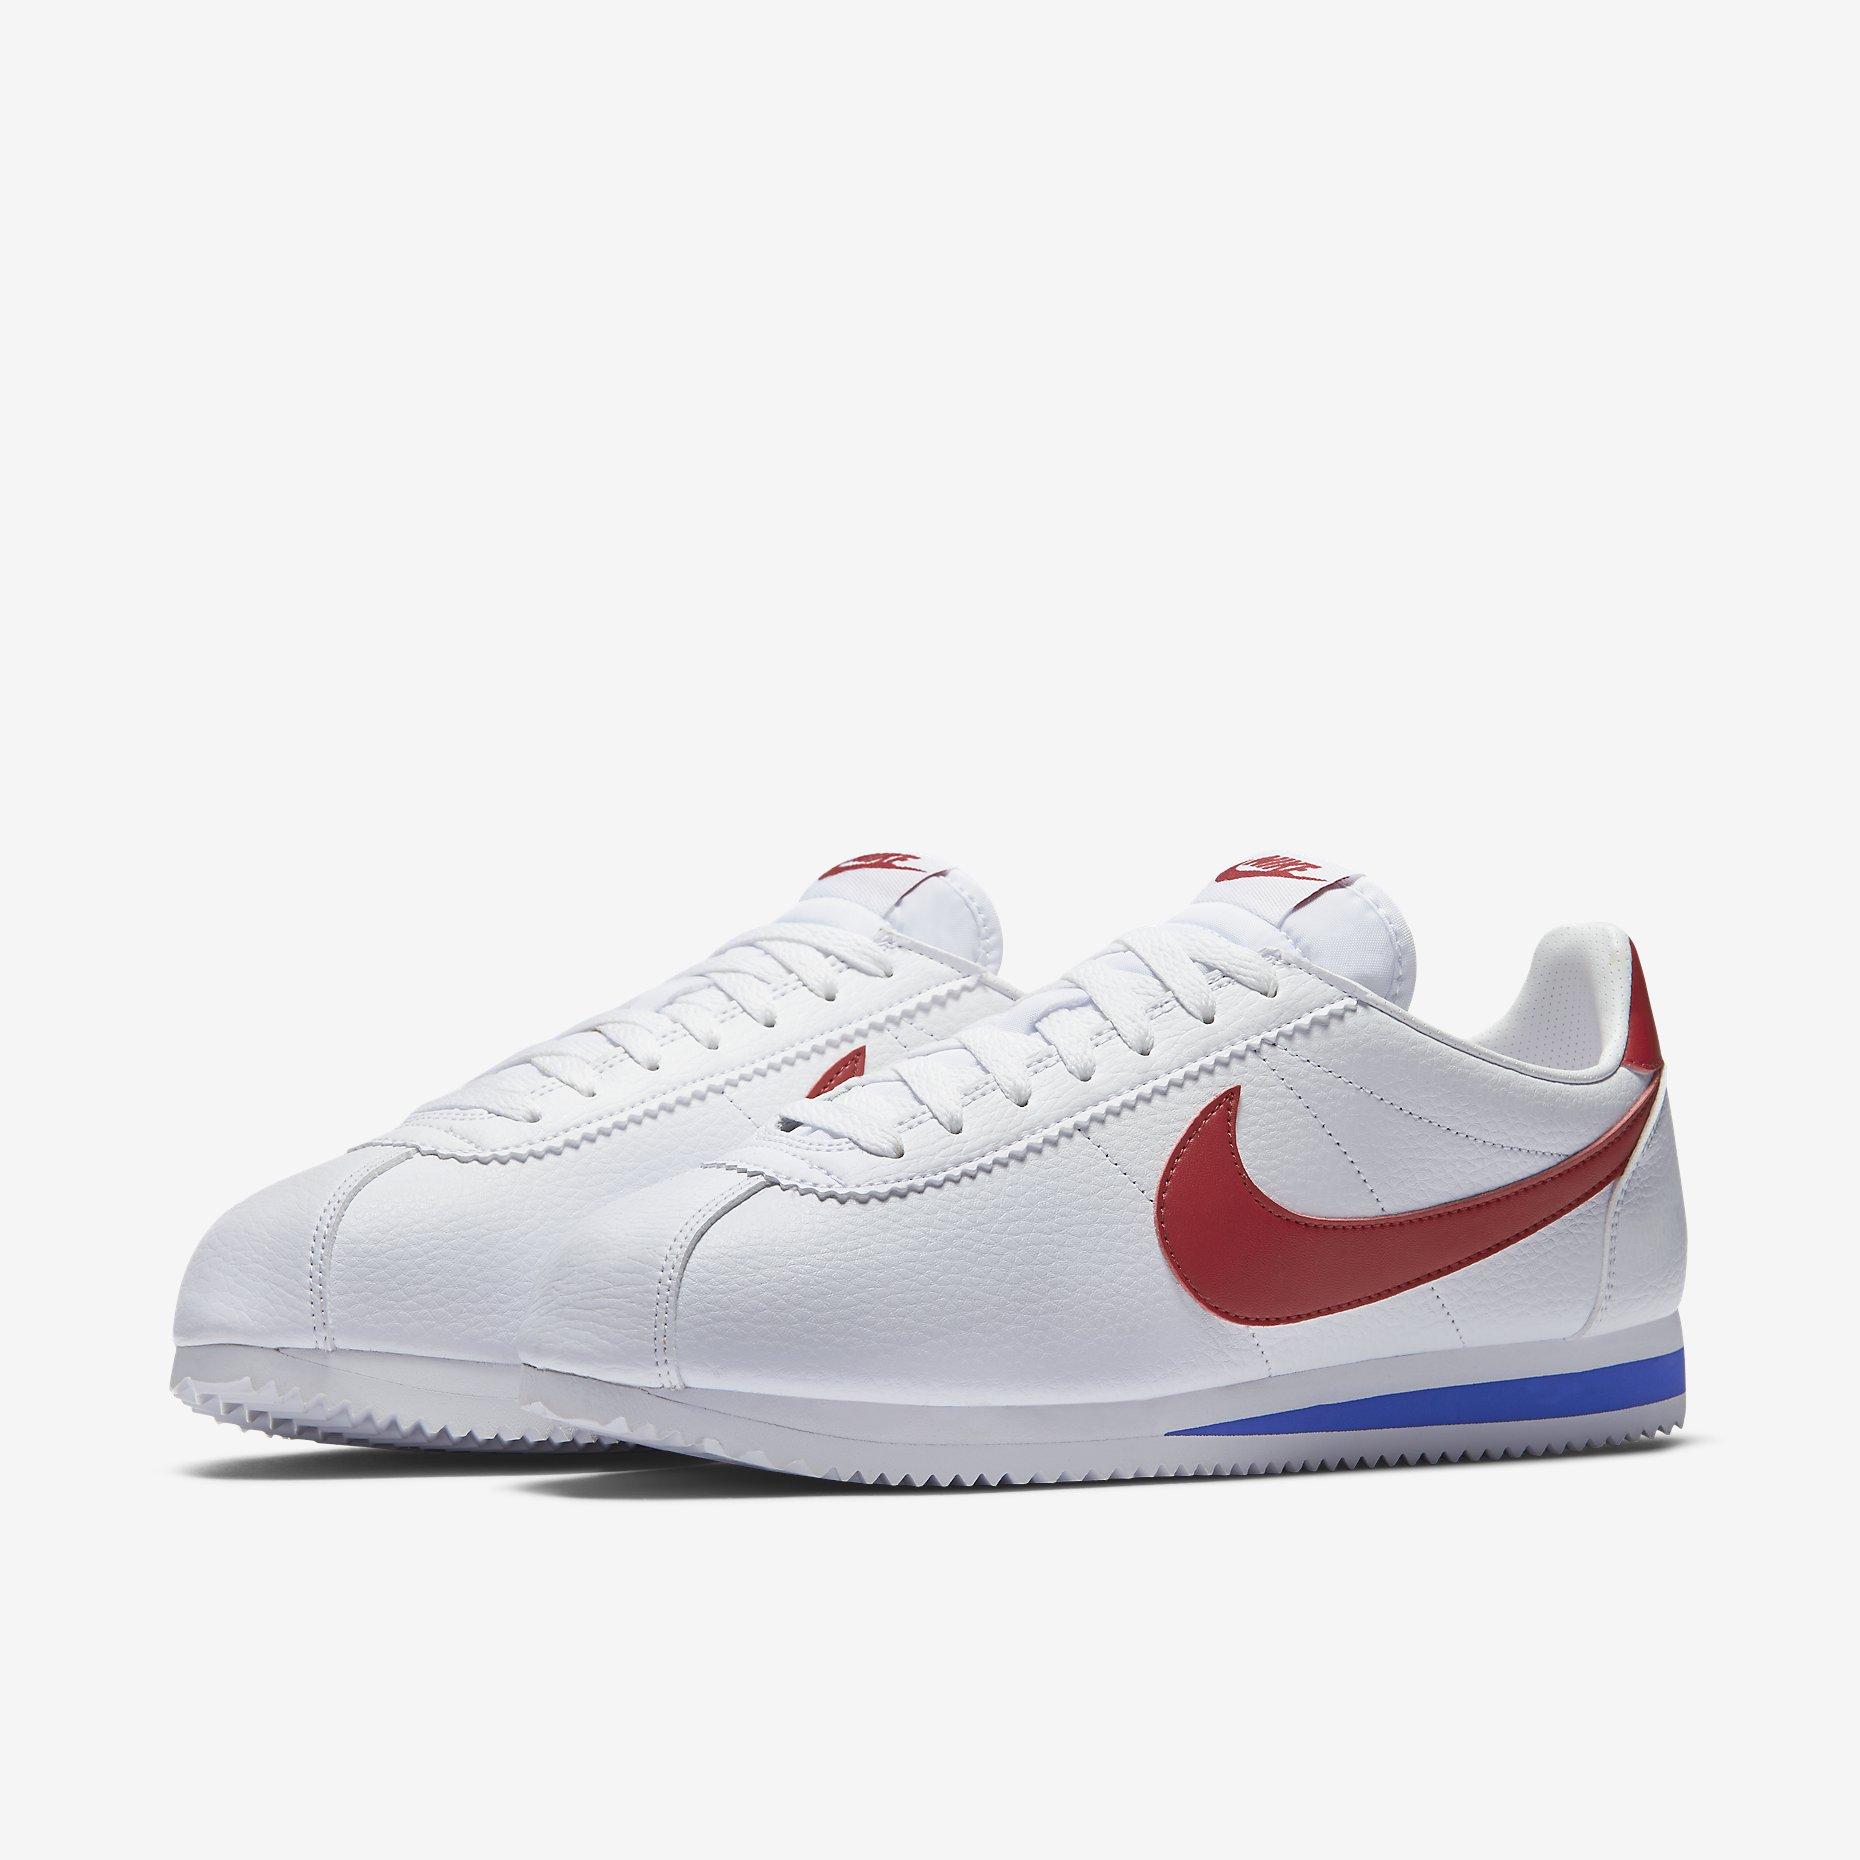 the best attitude 0c908 45524 Nike Cortez come back